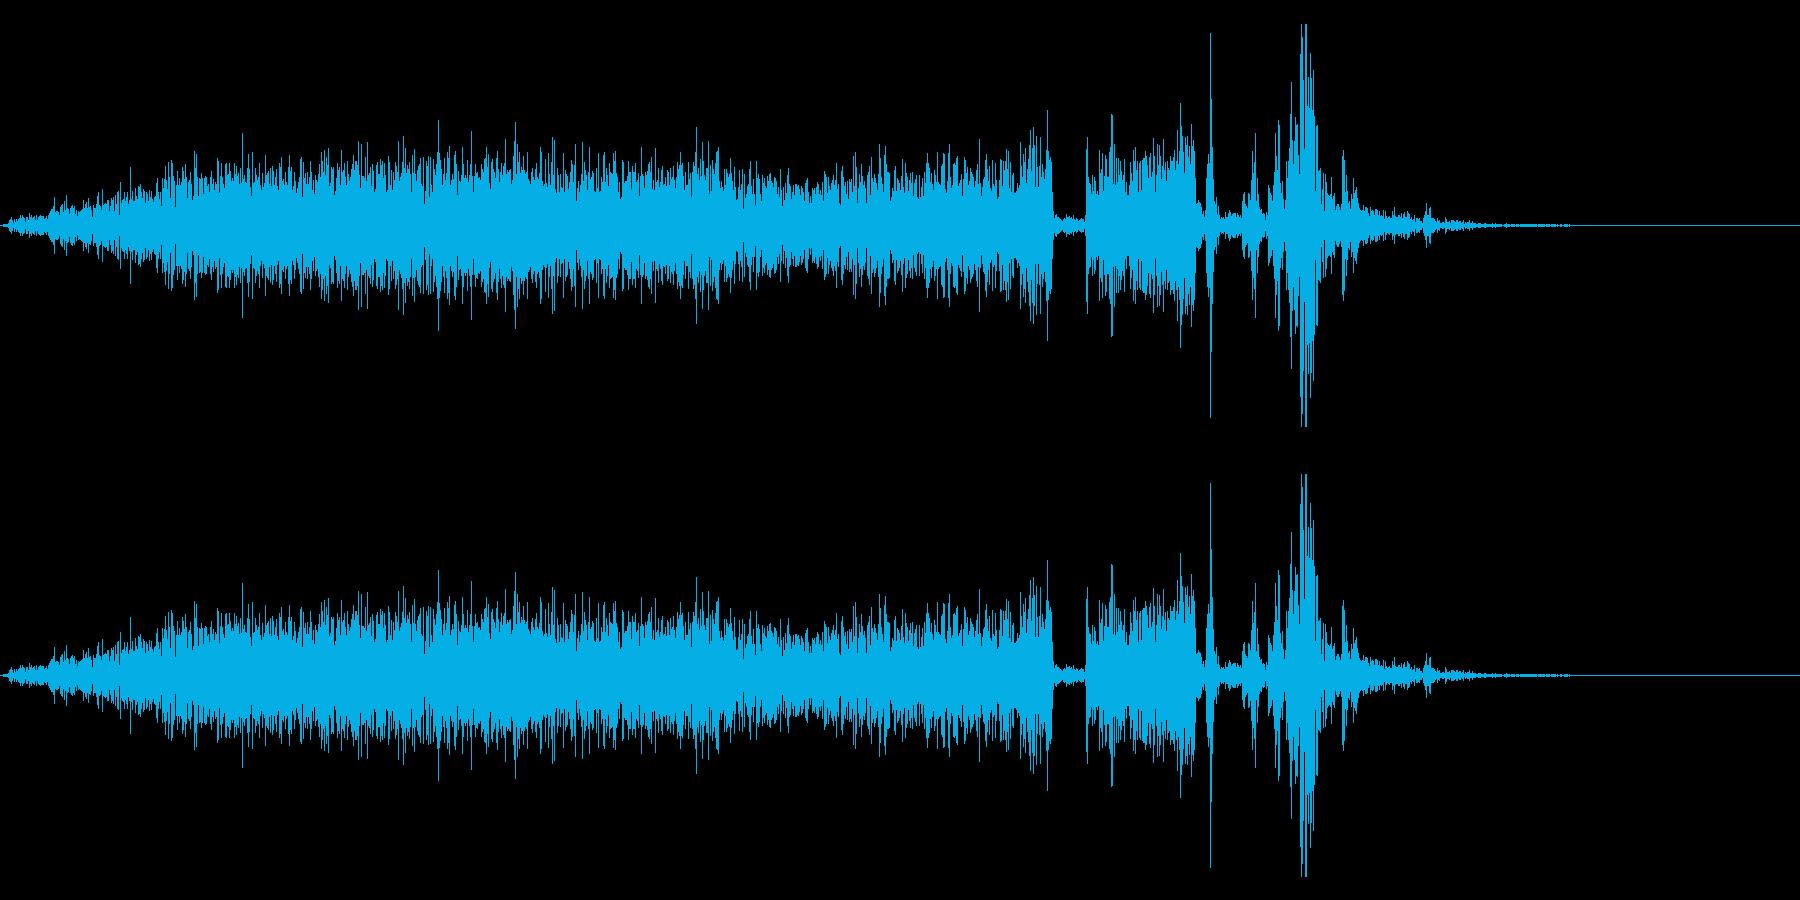 【生録音】本のページをめくる音 12の再生済みの波形